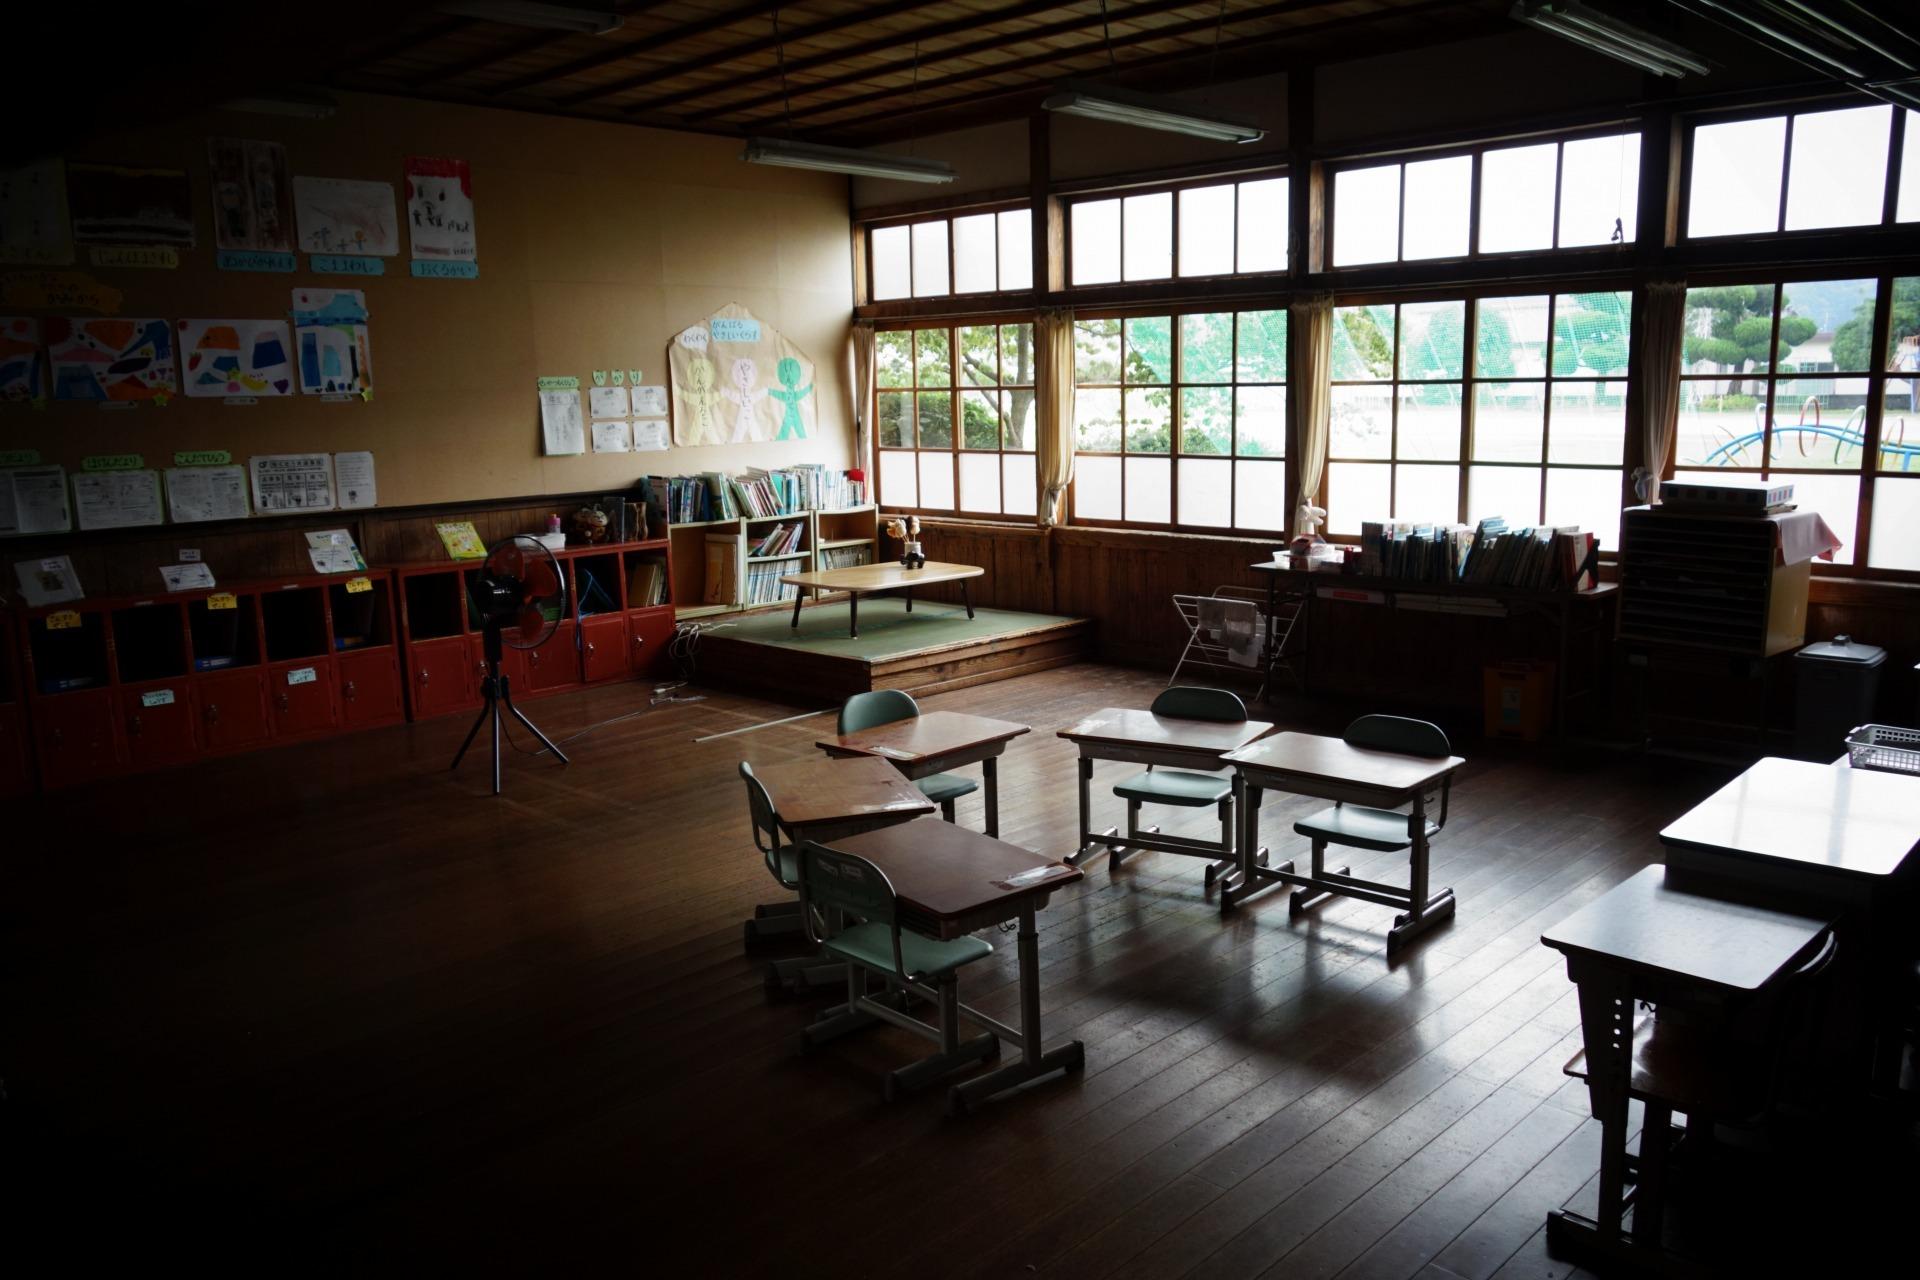 かつての教室の様子です。_b0177130_21563008.jpg